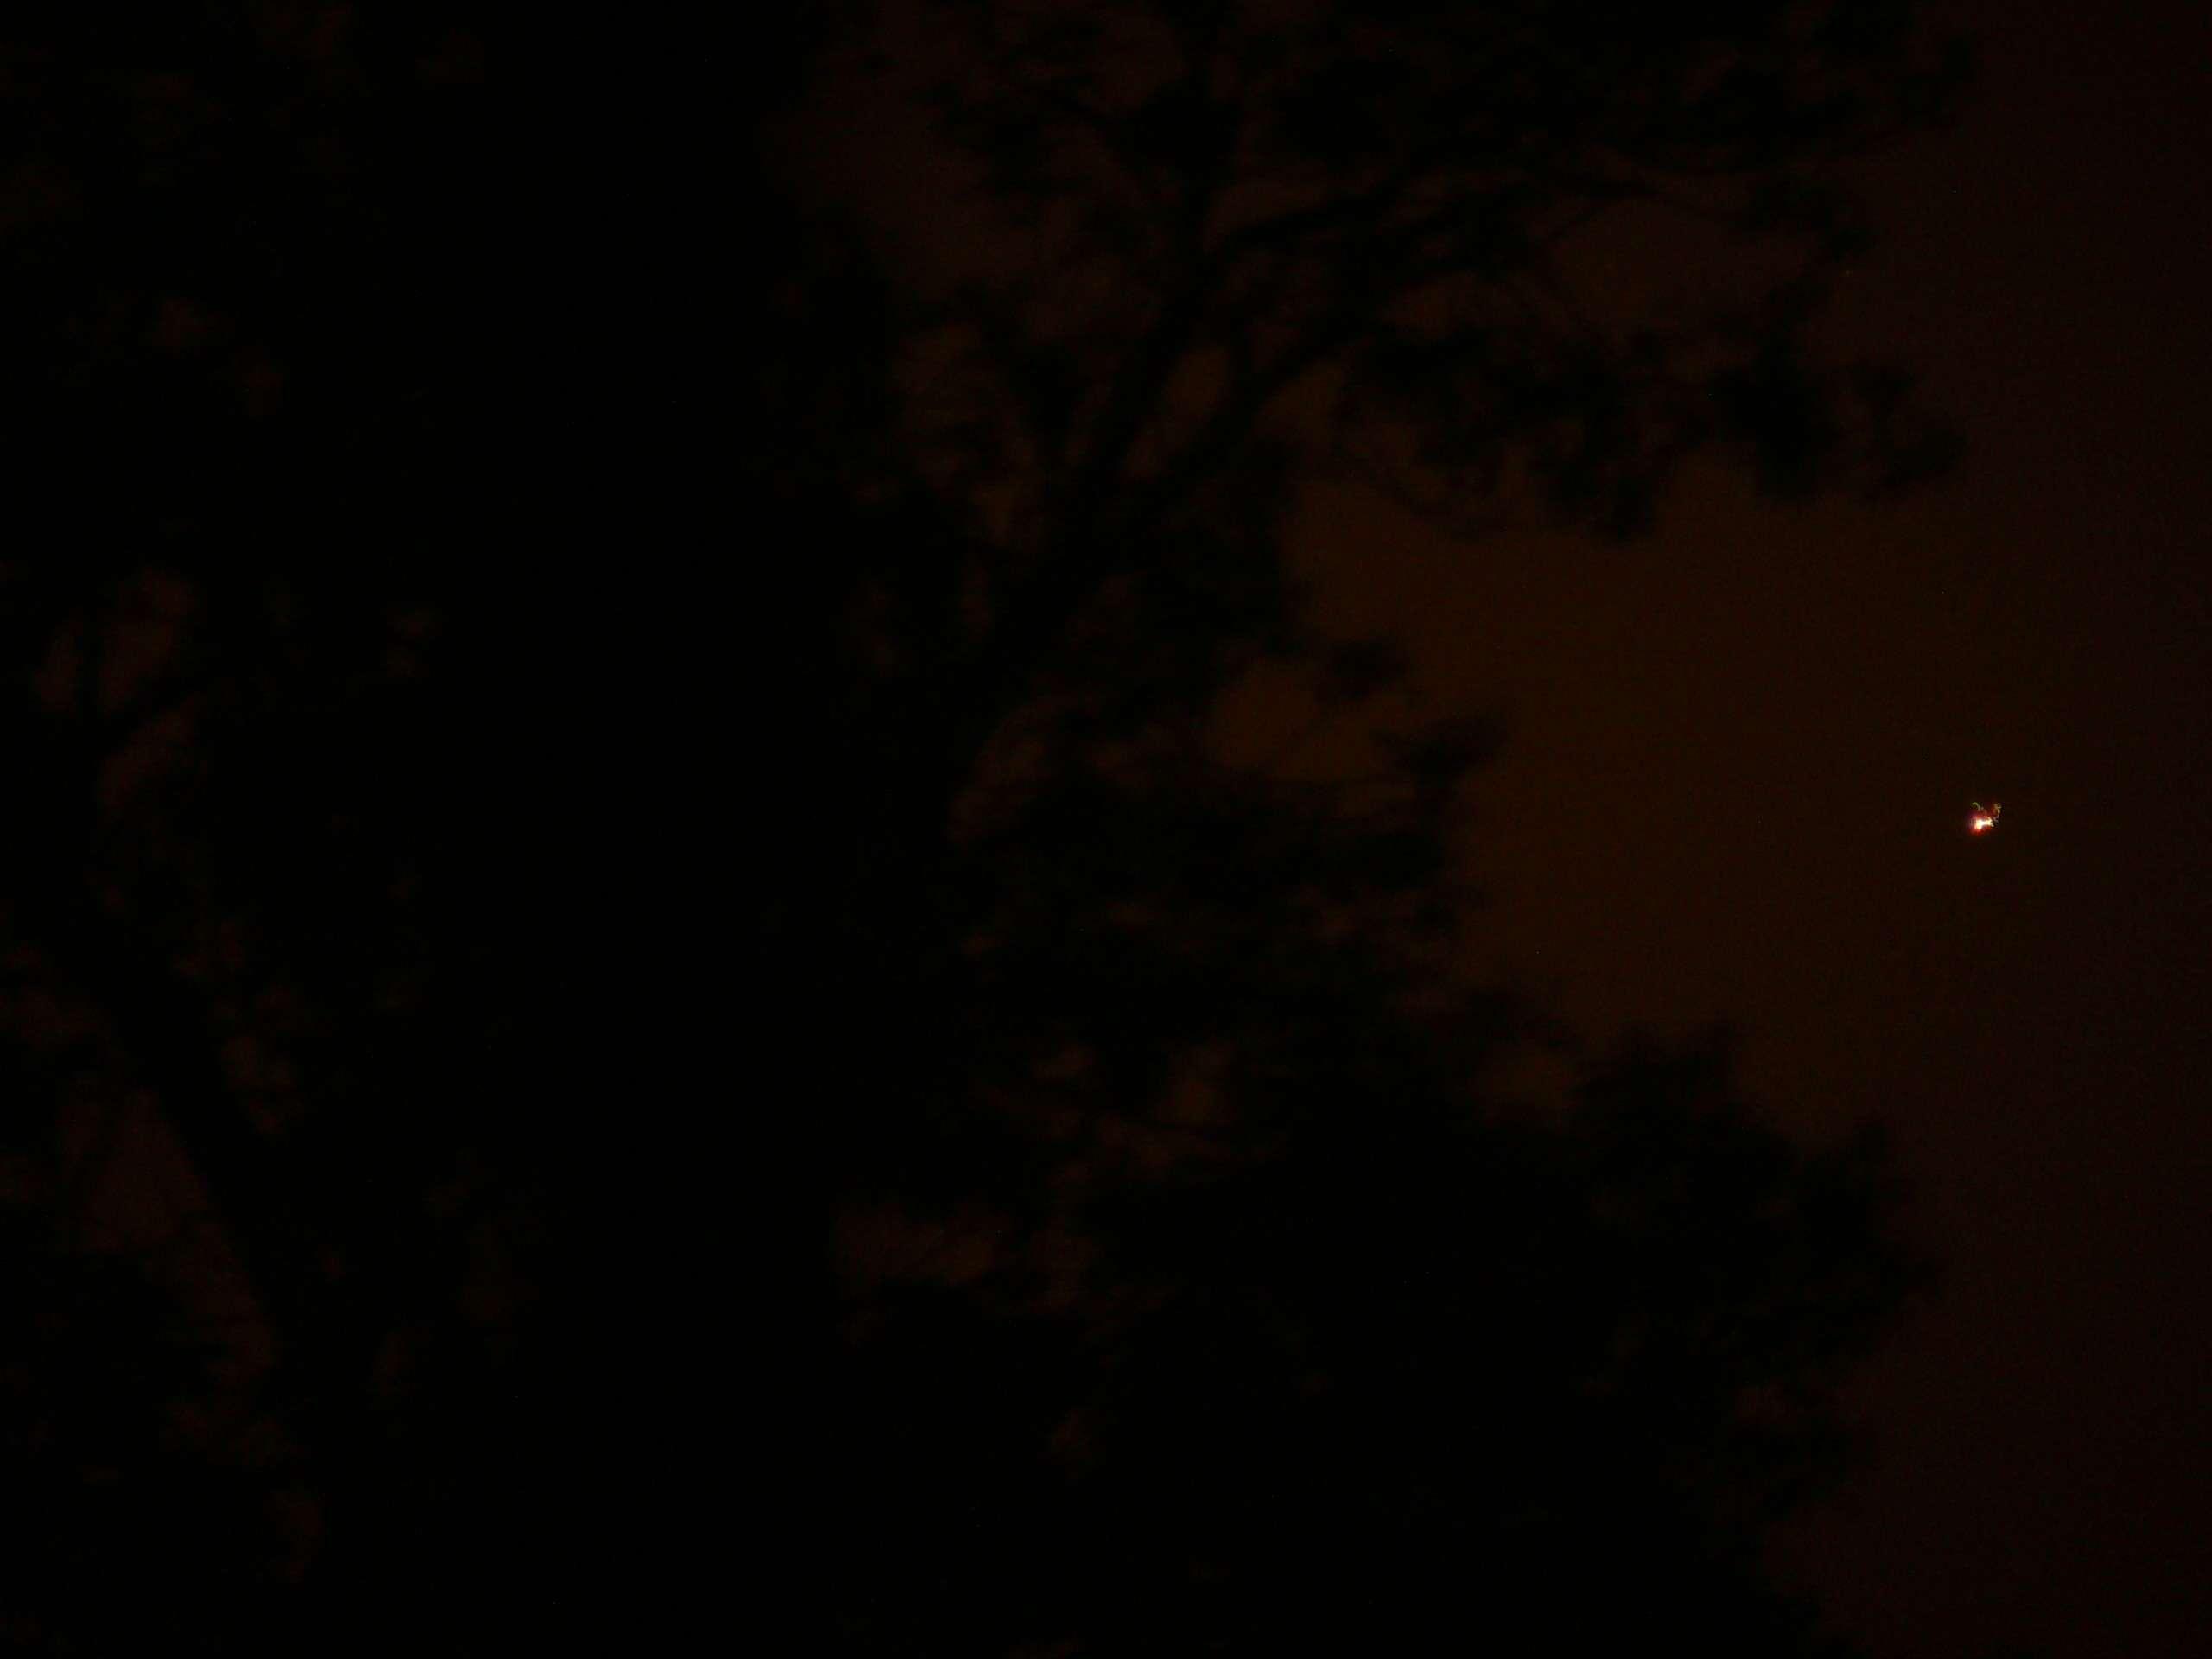 Plateau de Saclay (91) nuit du 24 au 25 mai 2011 : lumières mouvantes - Page 2 P1200420